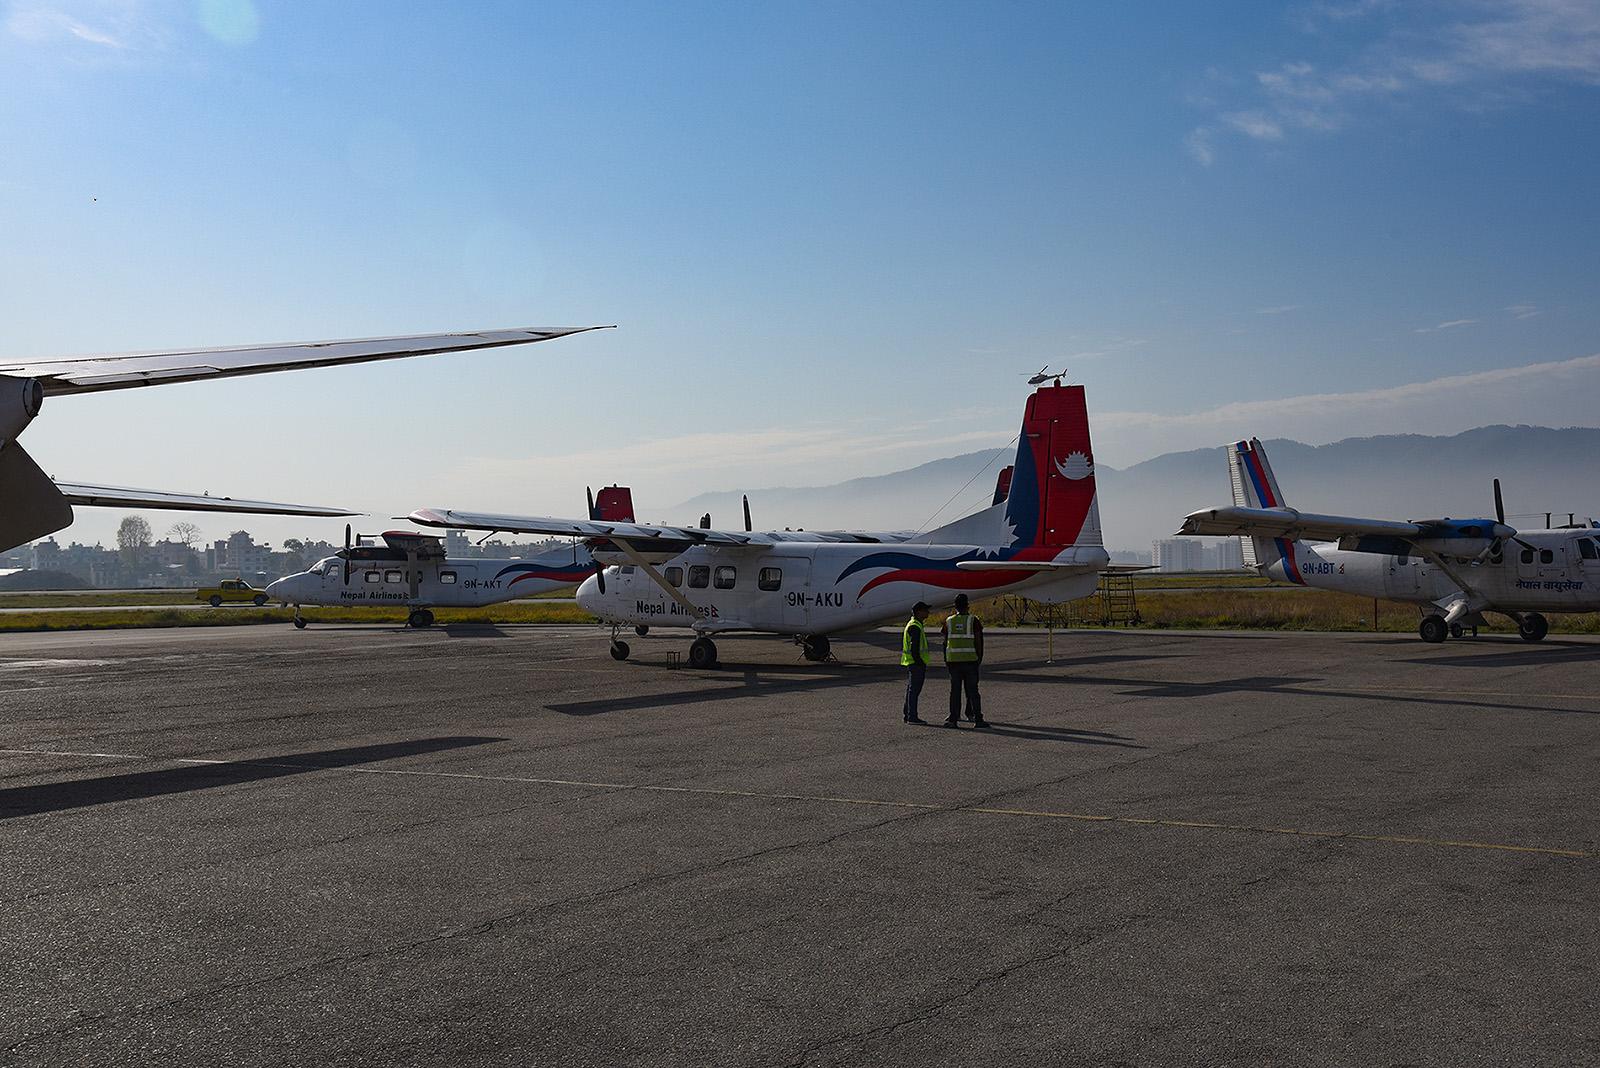 Bei unserem Besuch standen die Y-12 alle am Boden, wegen Lieferschwierigkeiten bei den Ersatzteilen.